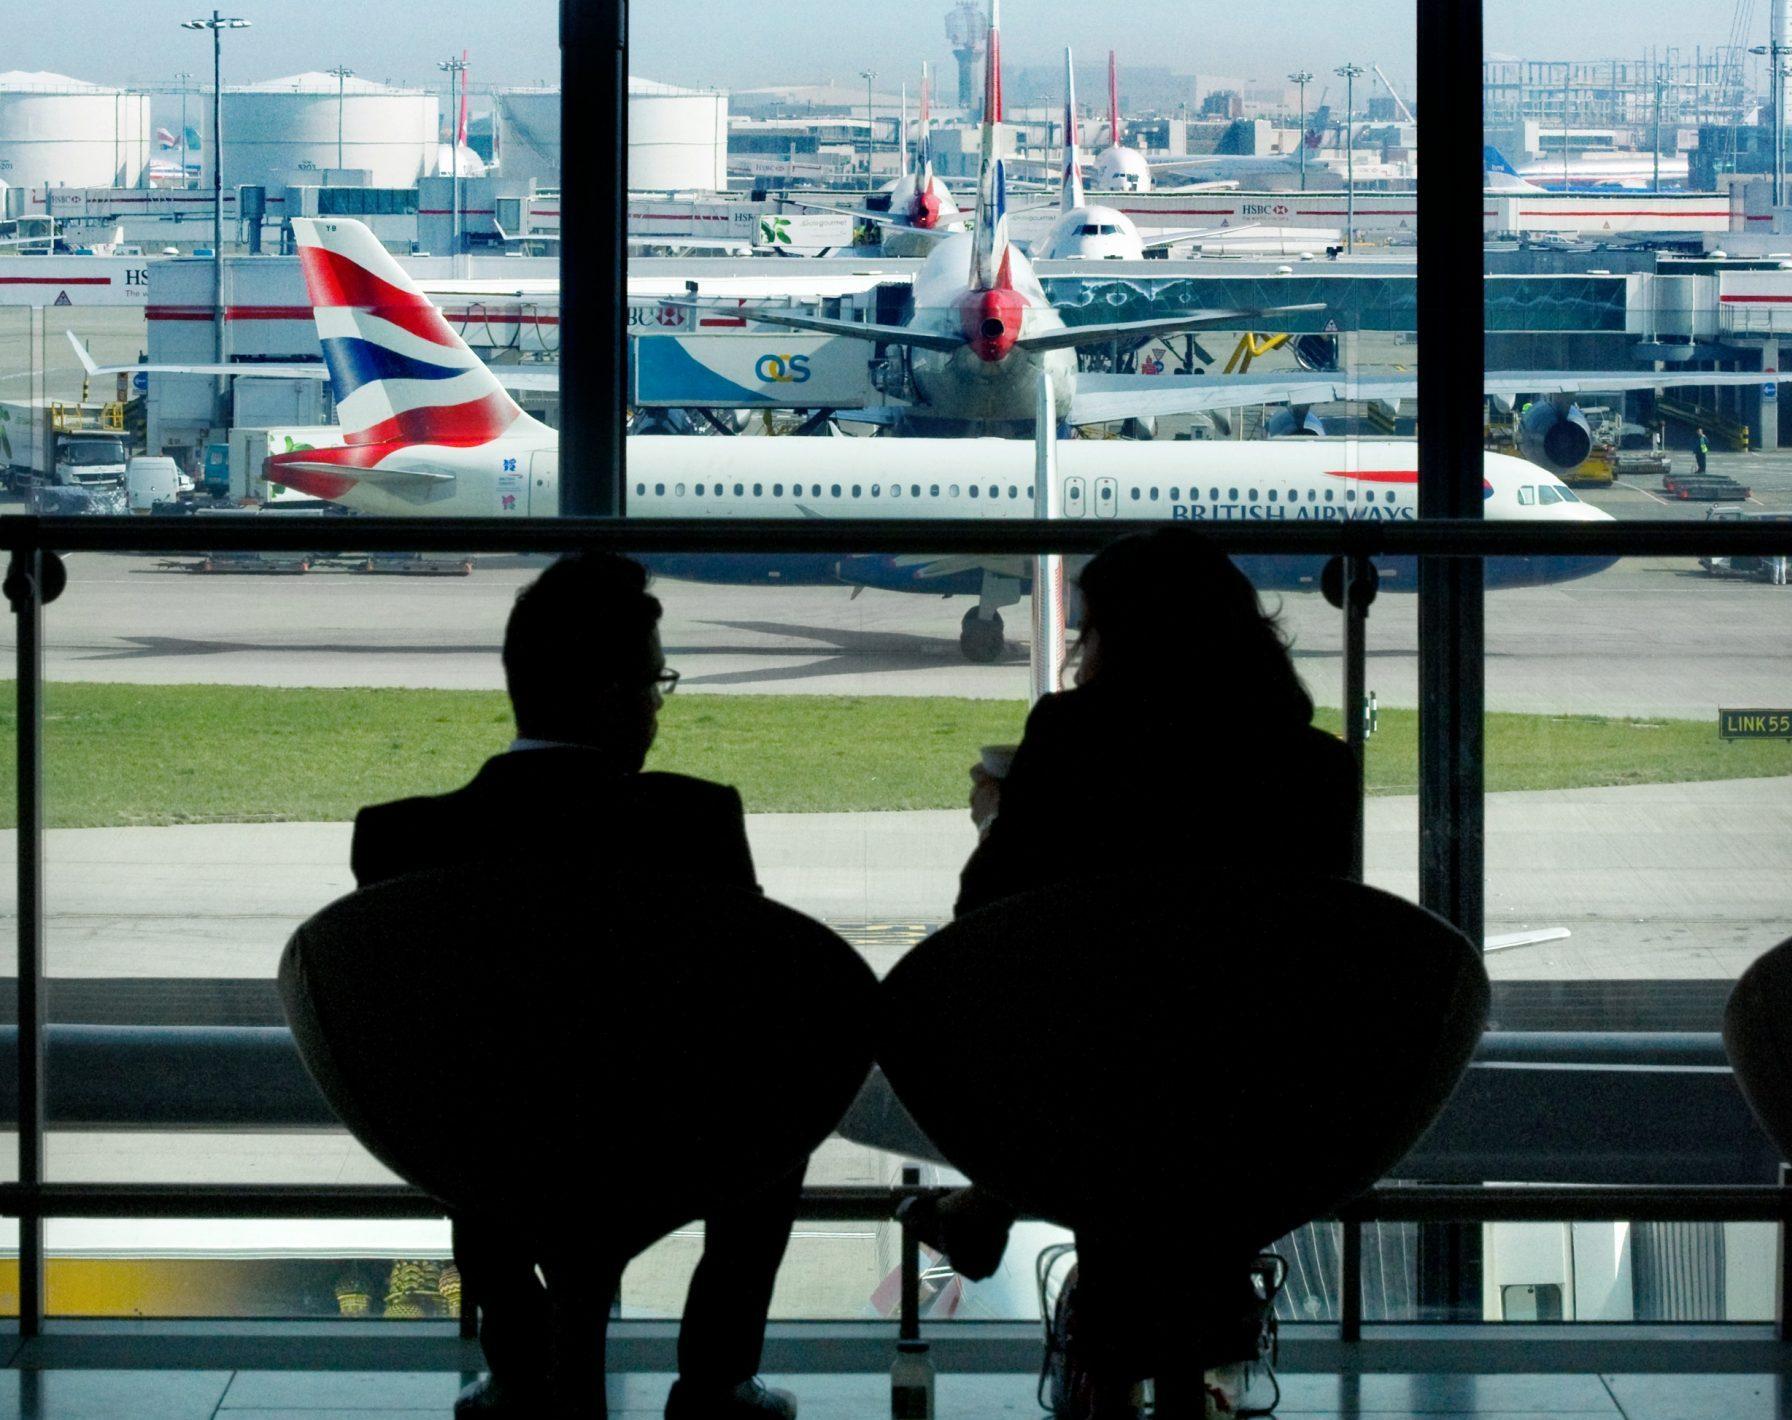 De stramme rejsevejledninger betyder, at rejsebureauerne kun i begrænset omfang kan sende gæster på rejse. Og nedlukning af hjælpepakker betyder nye fyringsrunder i rejsebureauer. Arkivpressefoto fra London Heathrow.